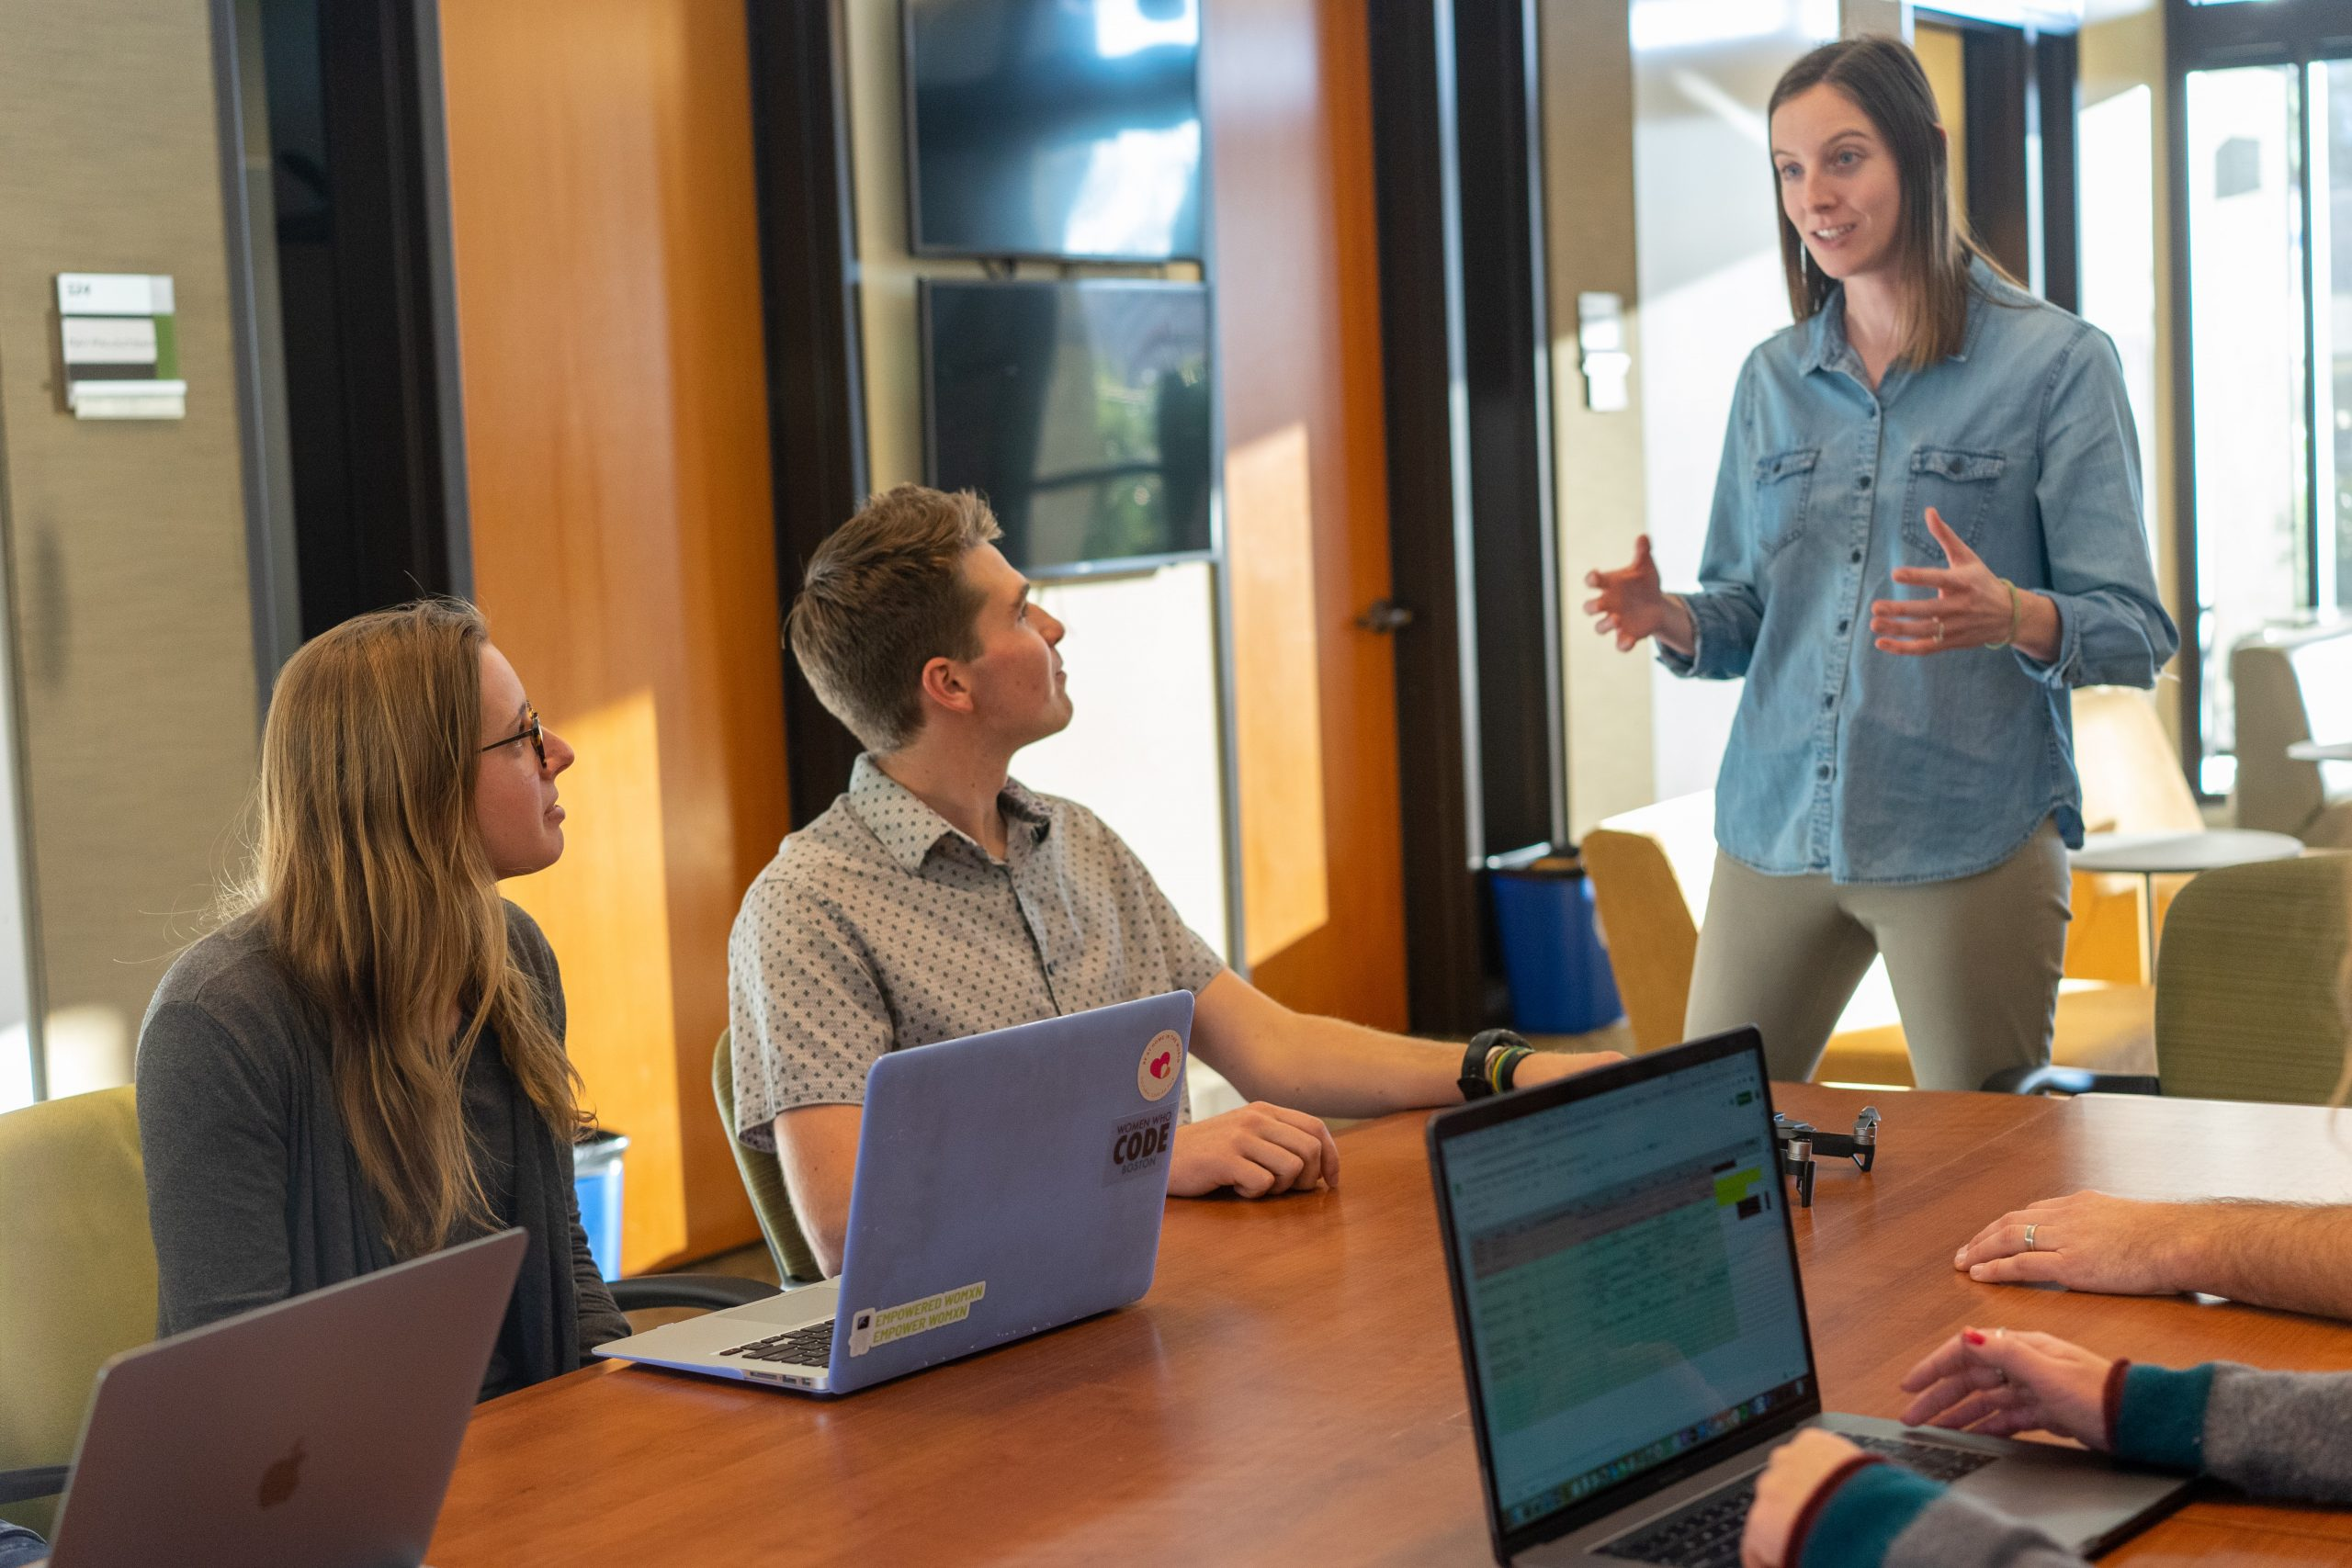 3 estrategias para aumentar el compromiso de tus empleados